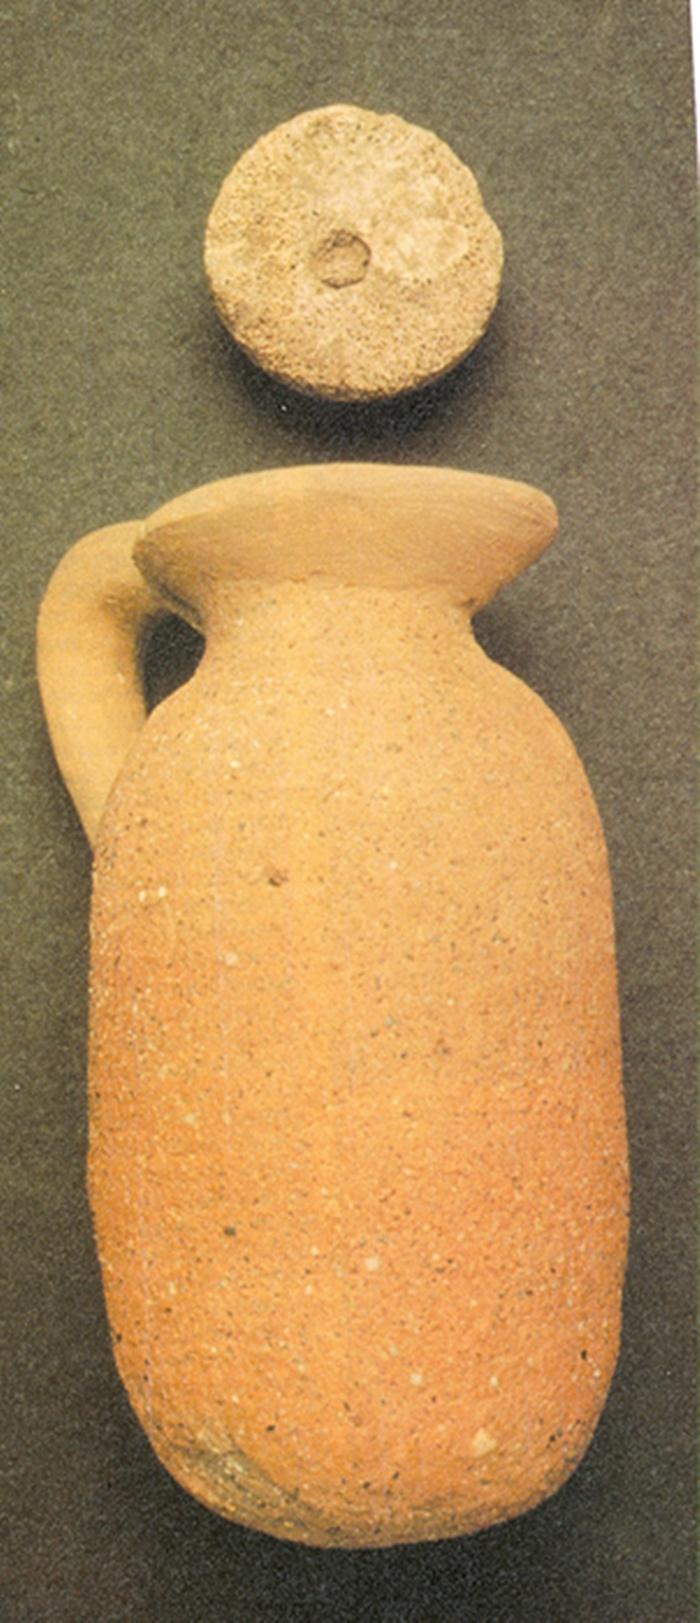 Vasija de formas orientalizantes hallada en la tumba principesca de finales de la Edad del Bronce de El Carpio en Belvís de la Jara